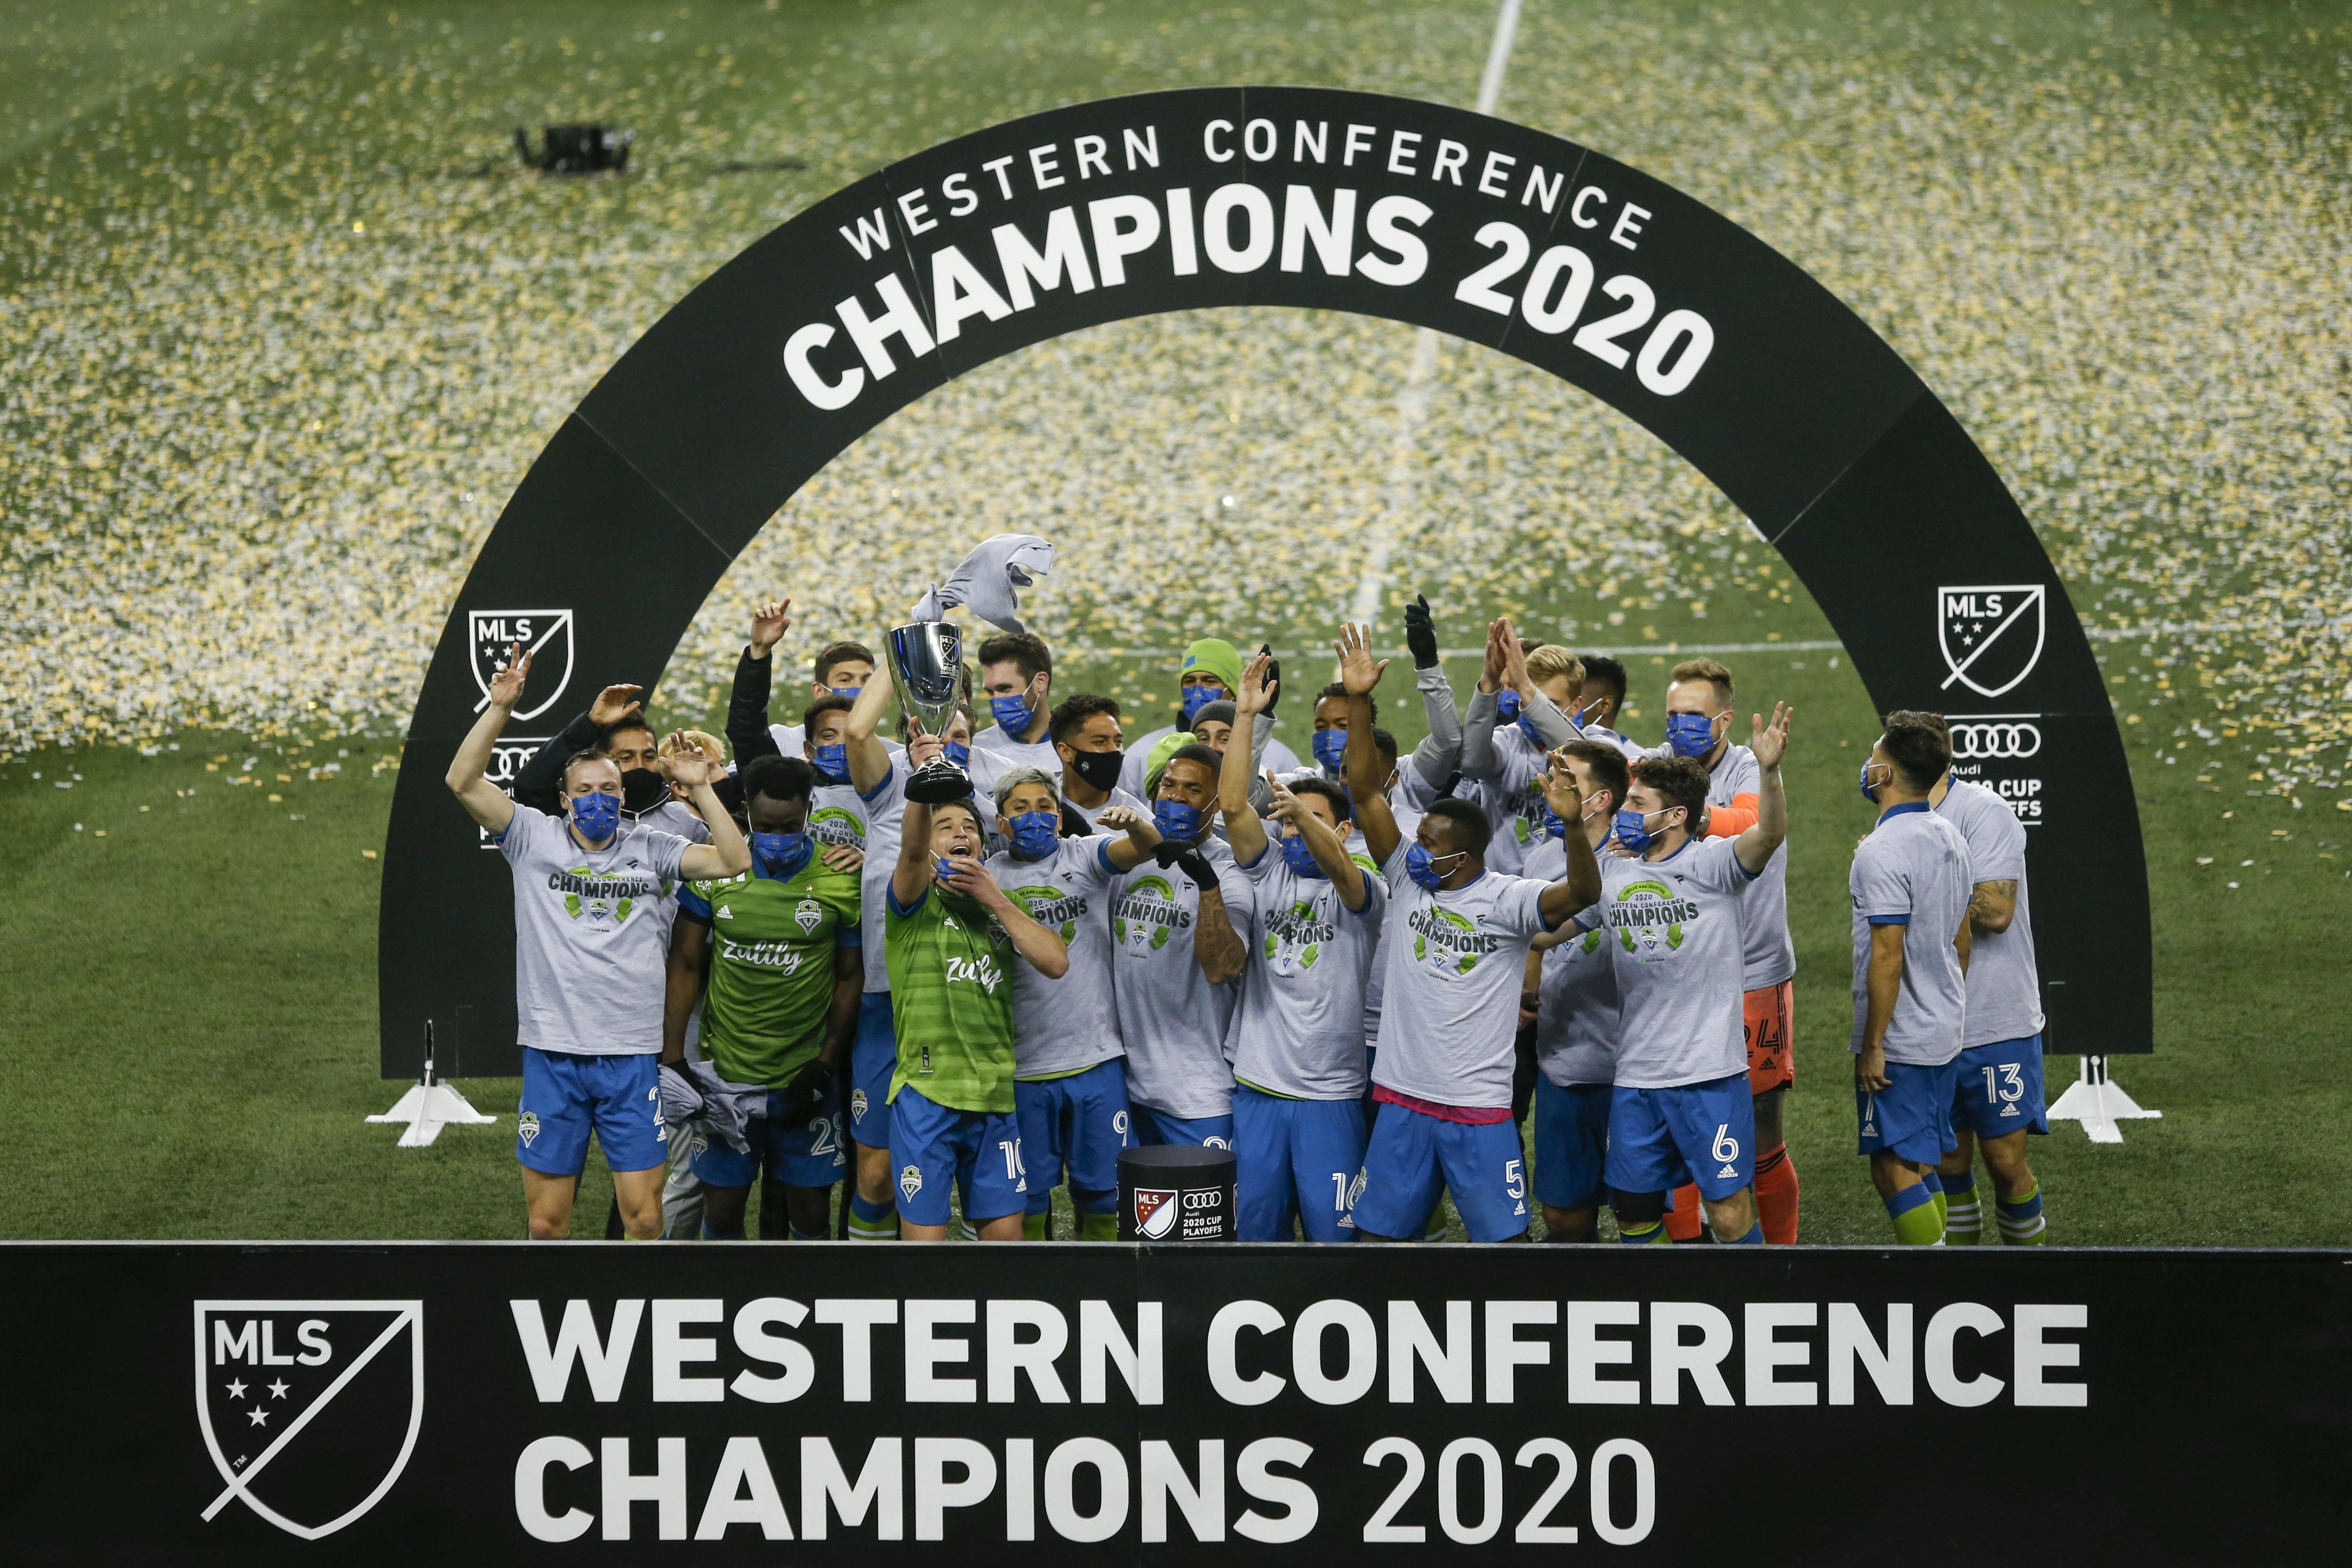 美国足球大联盟:明尼苏达联队客场挑战西雅图海湾队